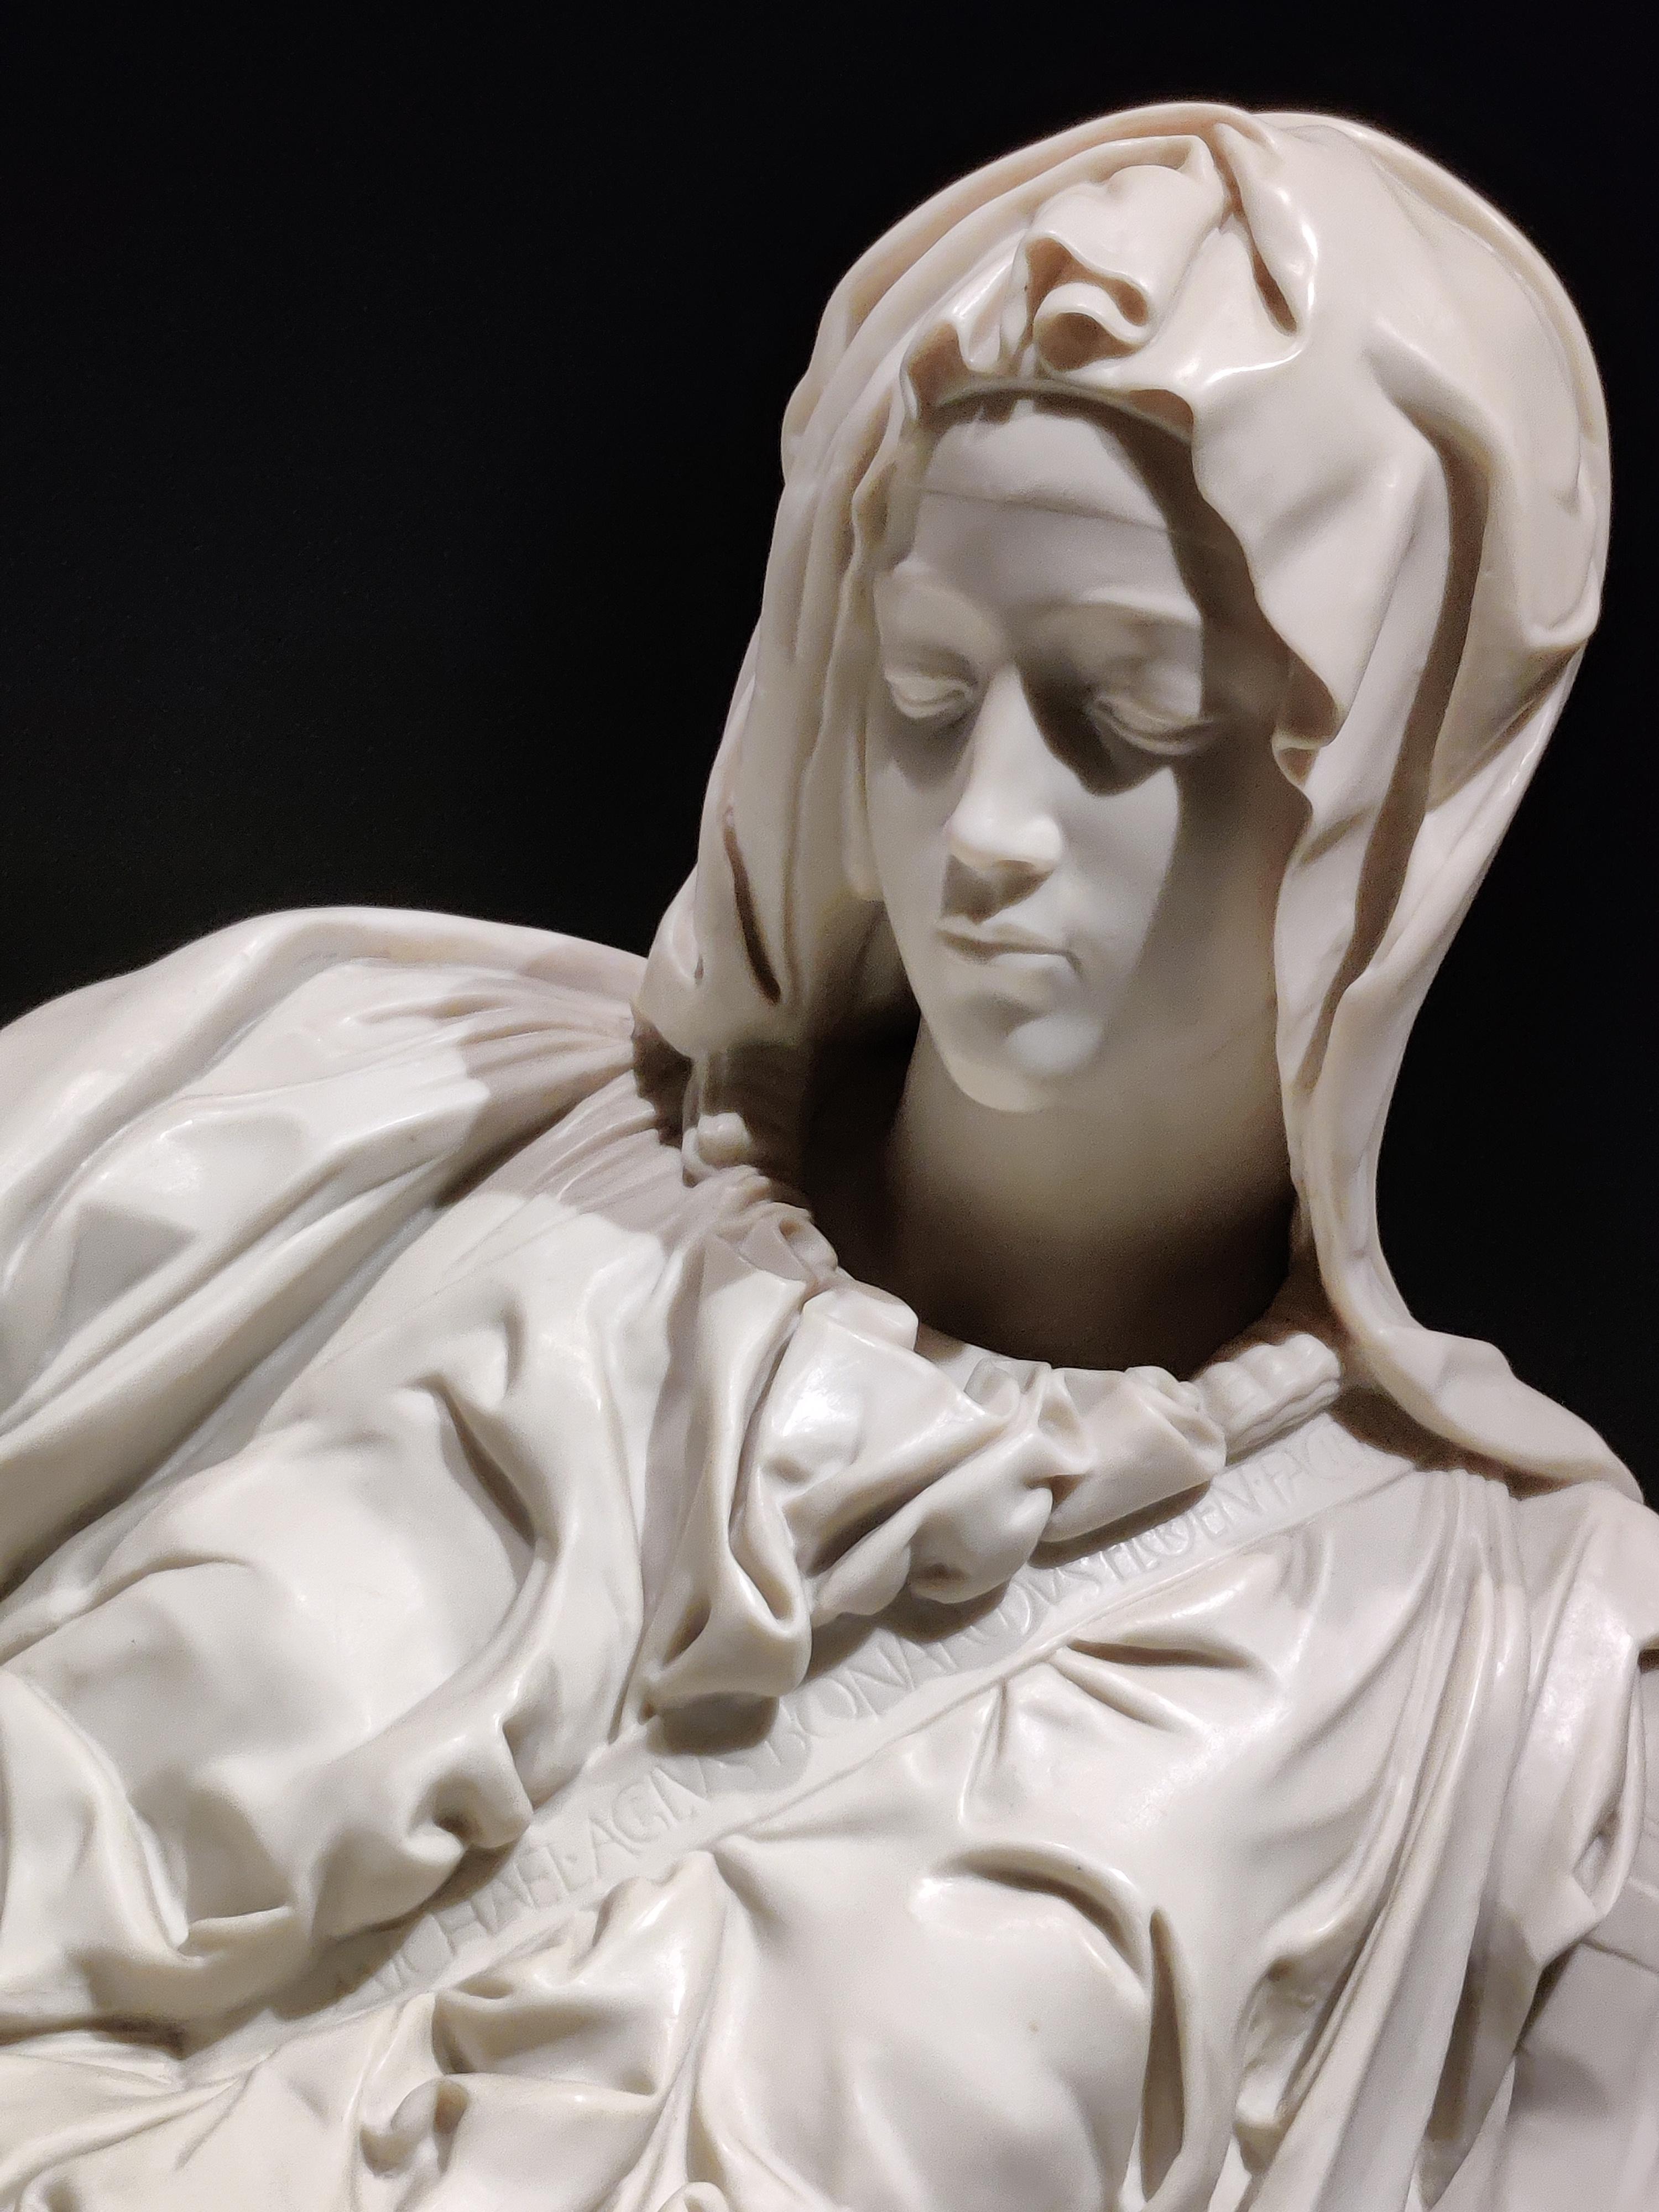 """Микеланджело 24 года.Это единственная подписанная им работа. ( На ленте, пересекающей грудь Богоматери, написано по латыни """"Микеланджело Буонаротти флорентиец исполнил"""")"""